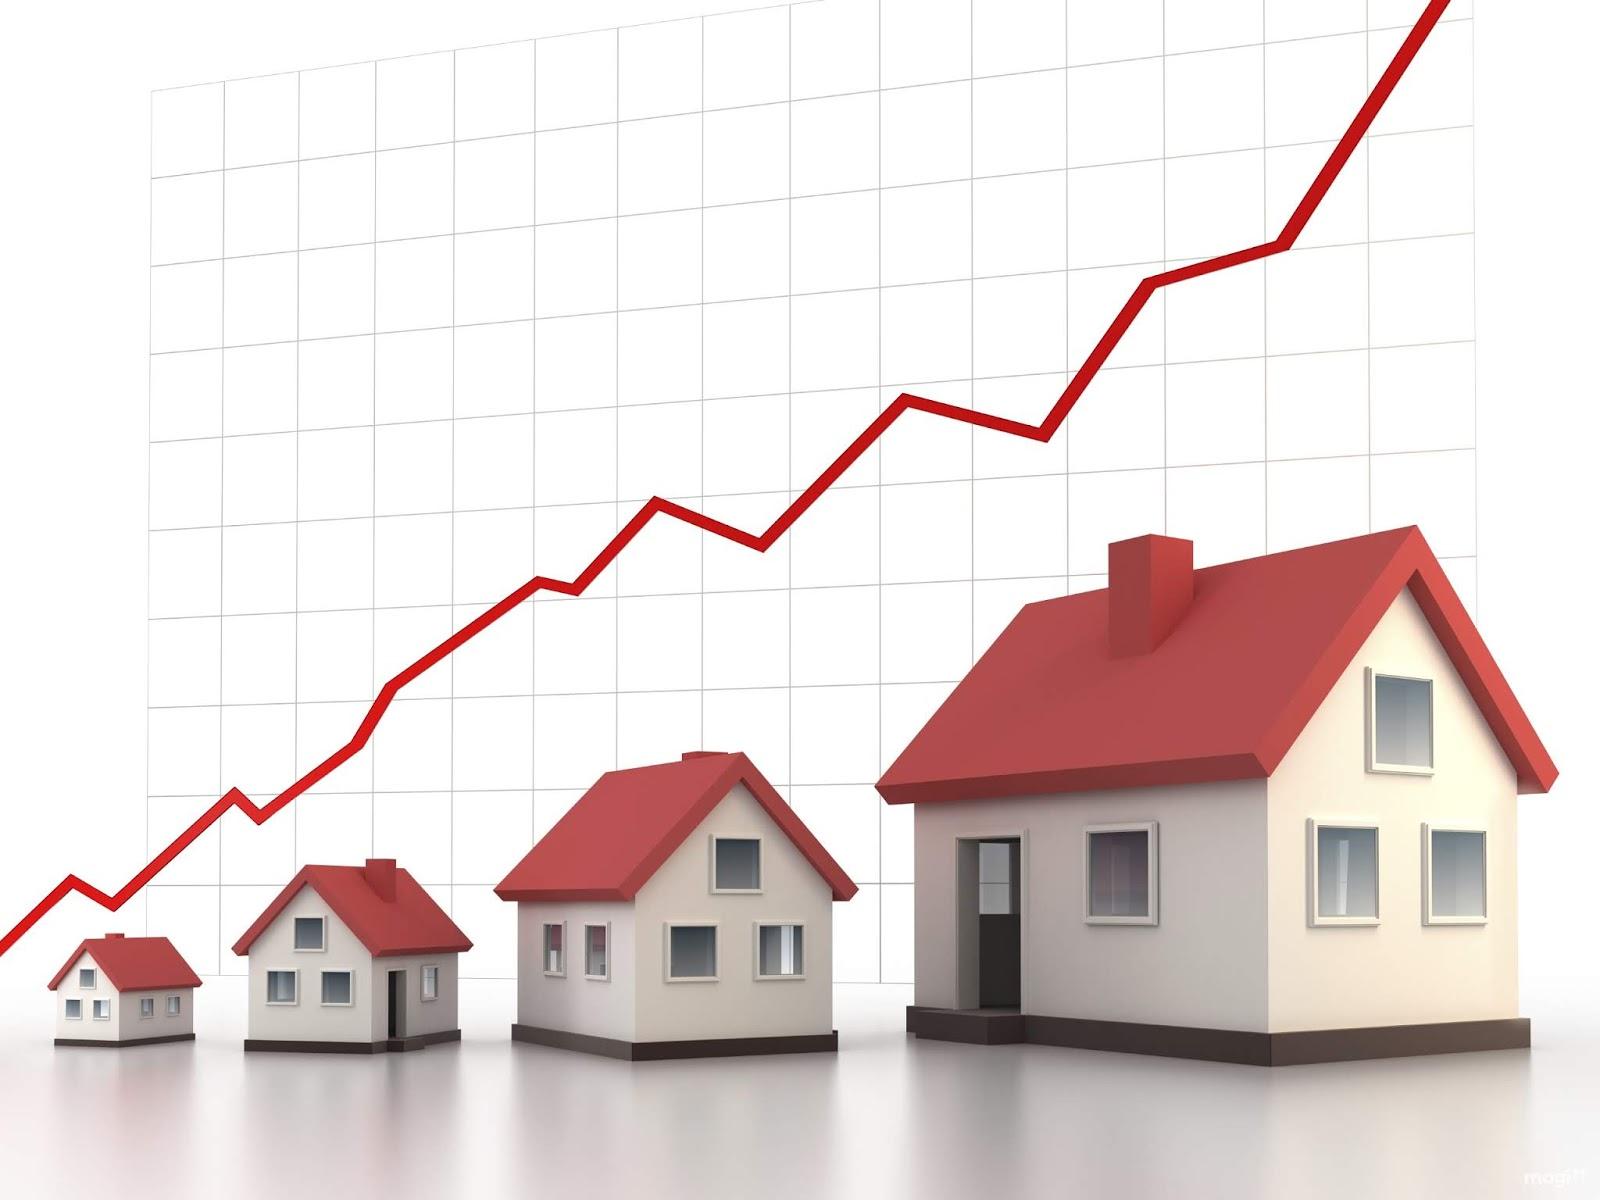 Đánh thuế nhà từ 700 triệu có thể sẽ làm cho người mua nhà nhụt chí